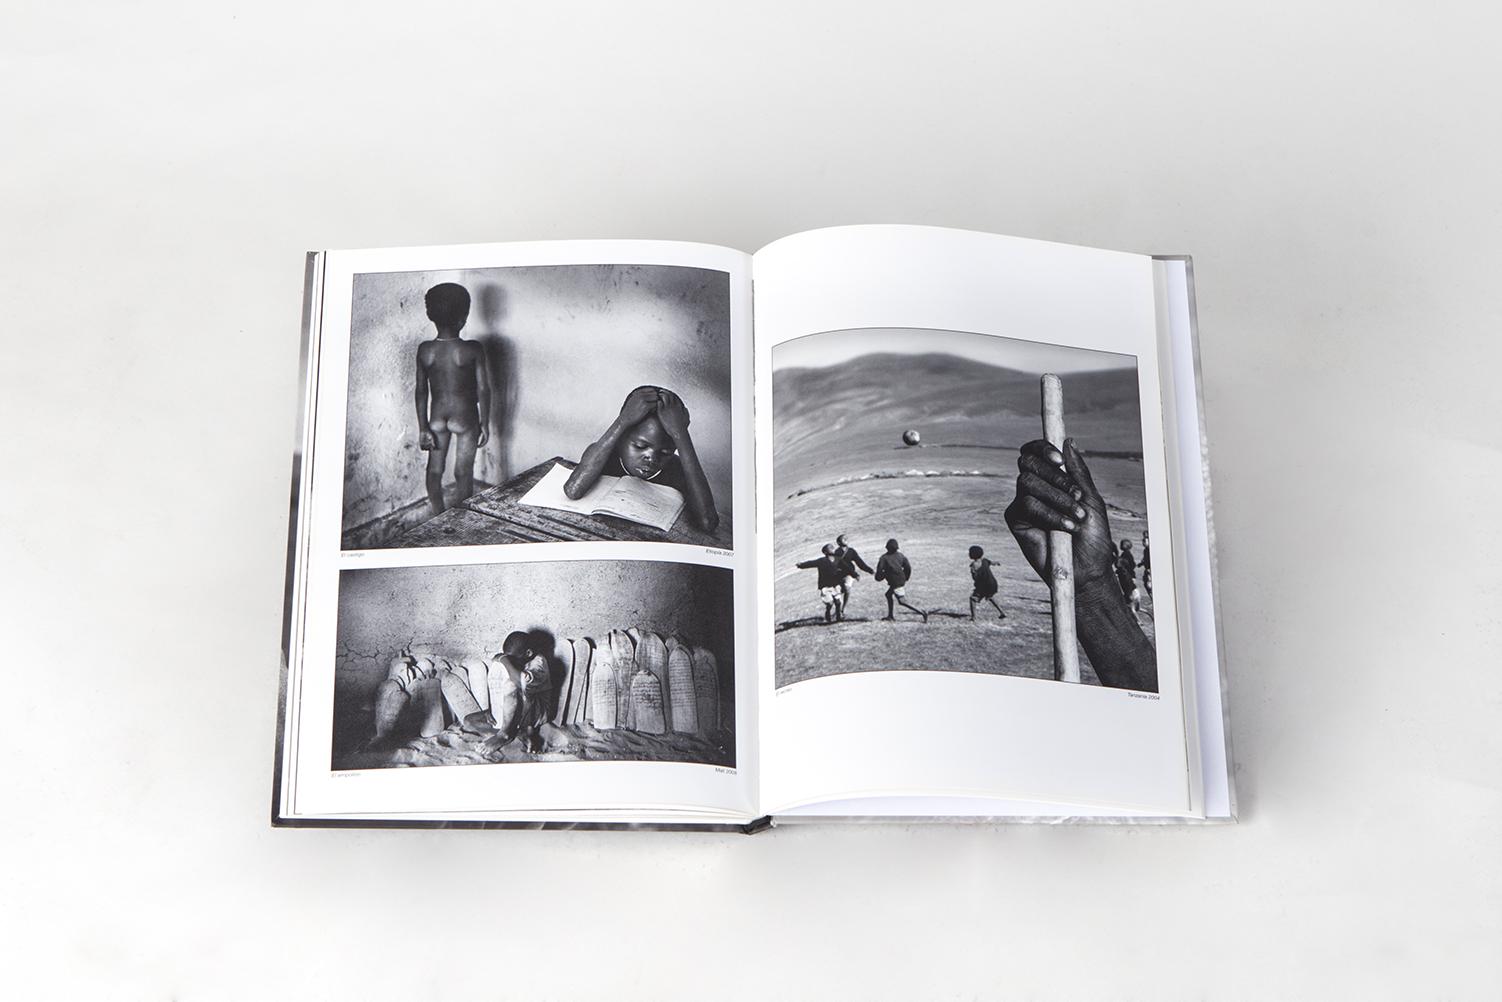 Fotografías de Colegios en el libro Rostros